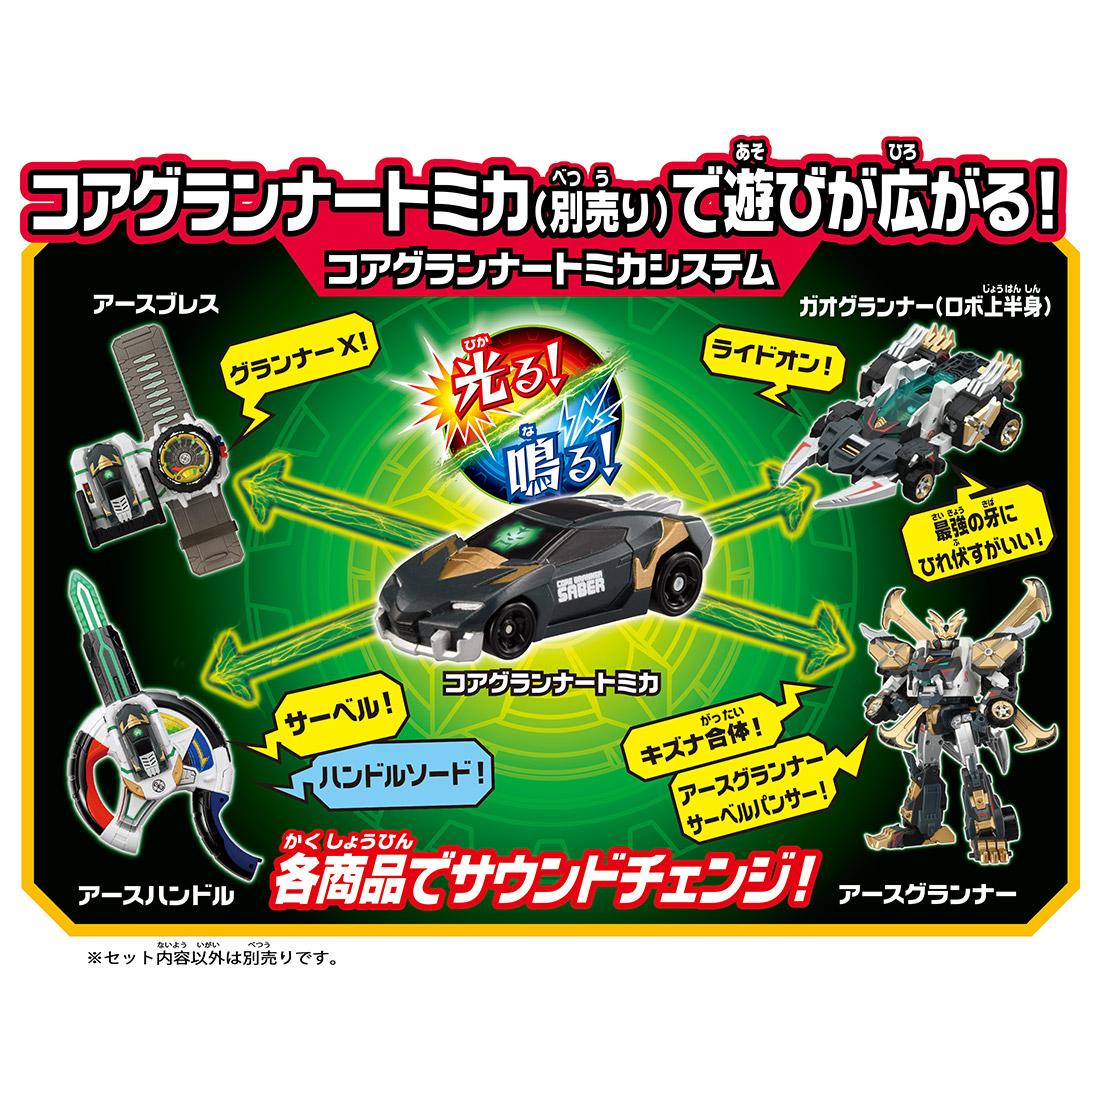 トミカ絆合体 アースグランナー『EG03 アースグランナーサーベルパンサー』可変合体フィギュア-005